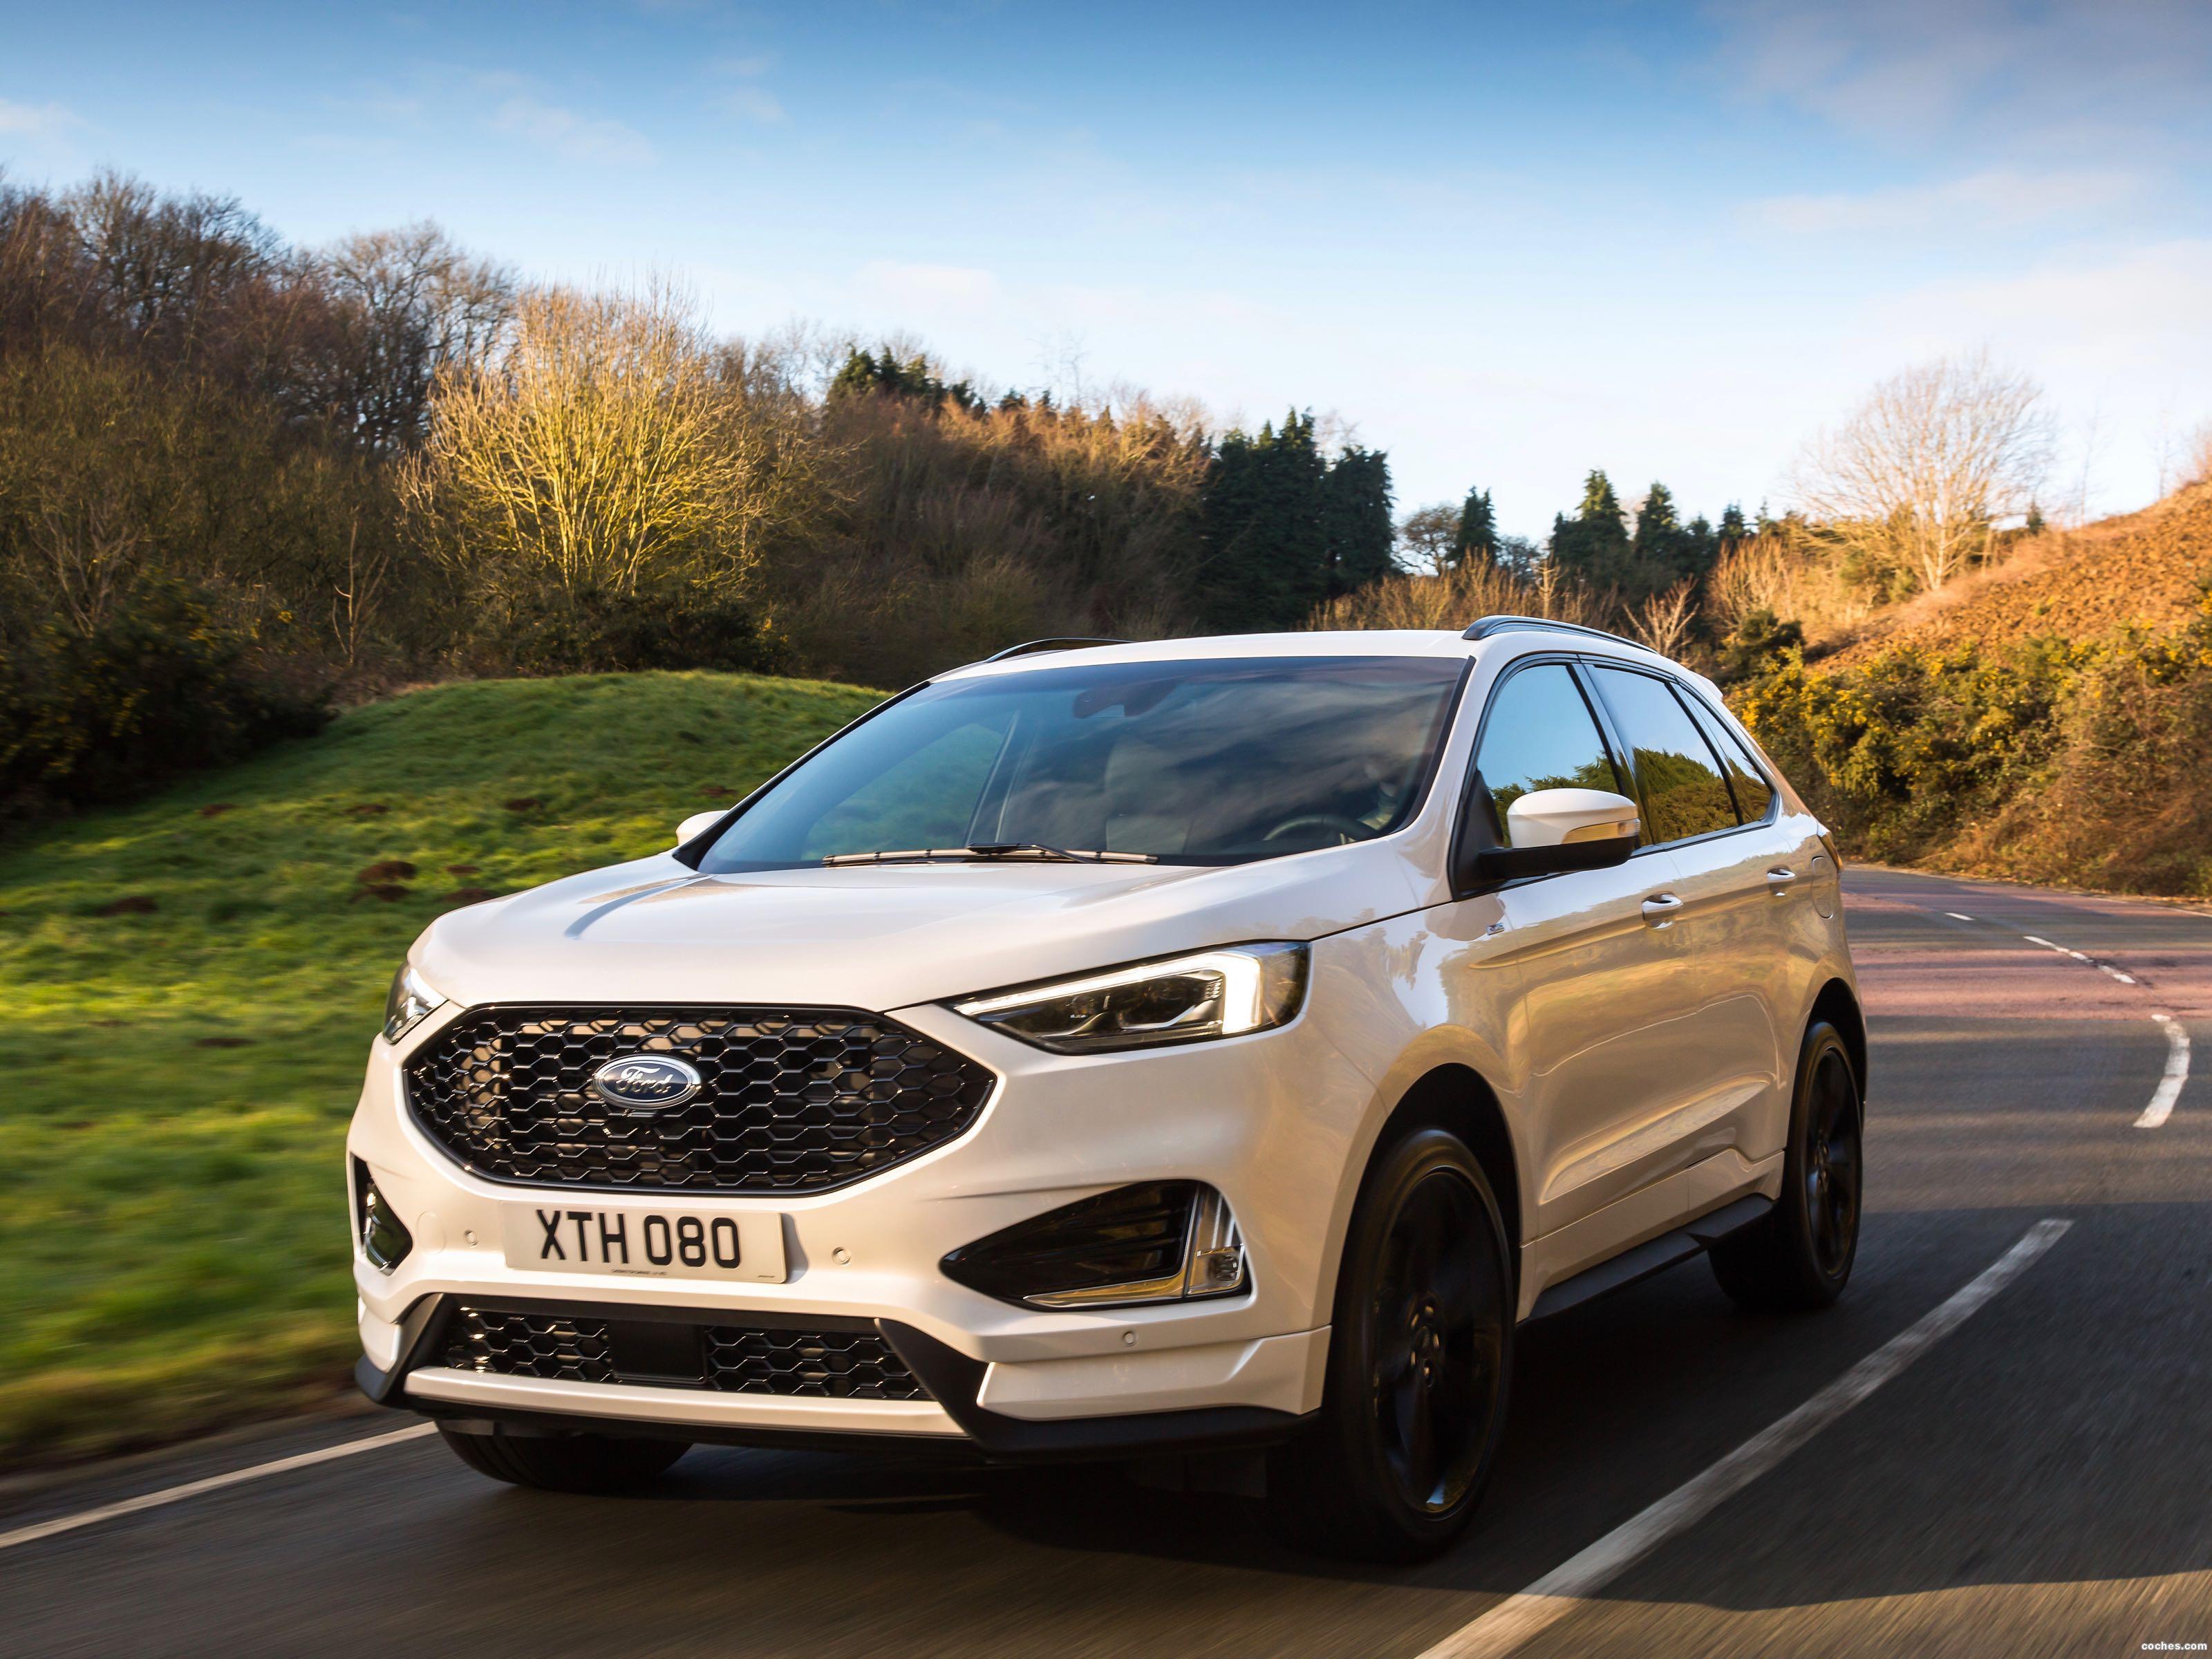 Foto 1 de Ford Edge Ecoblue 2018